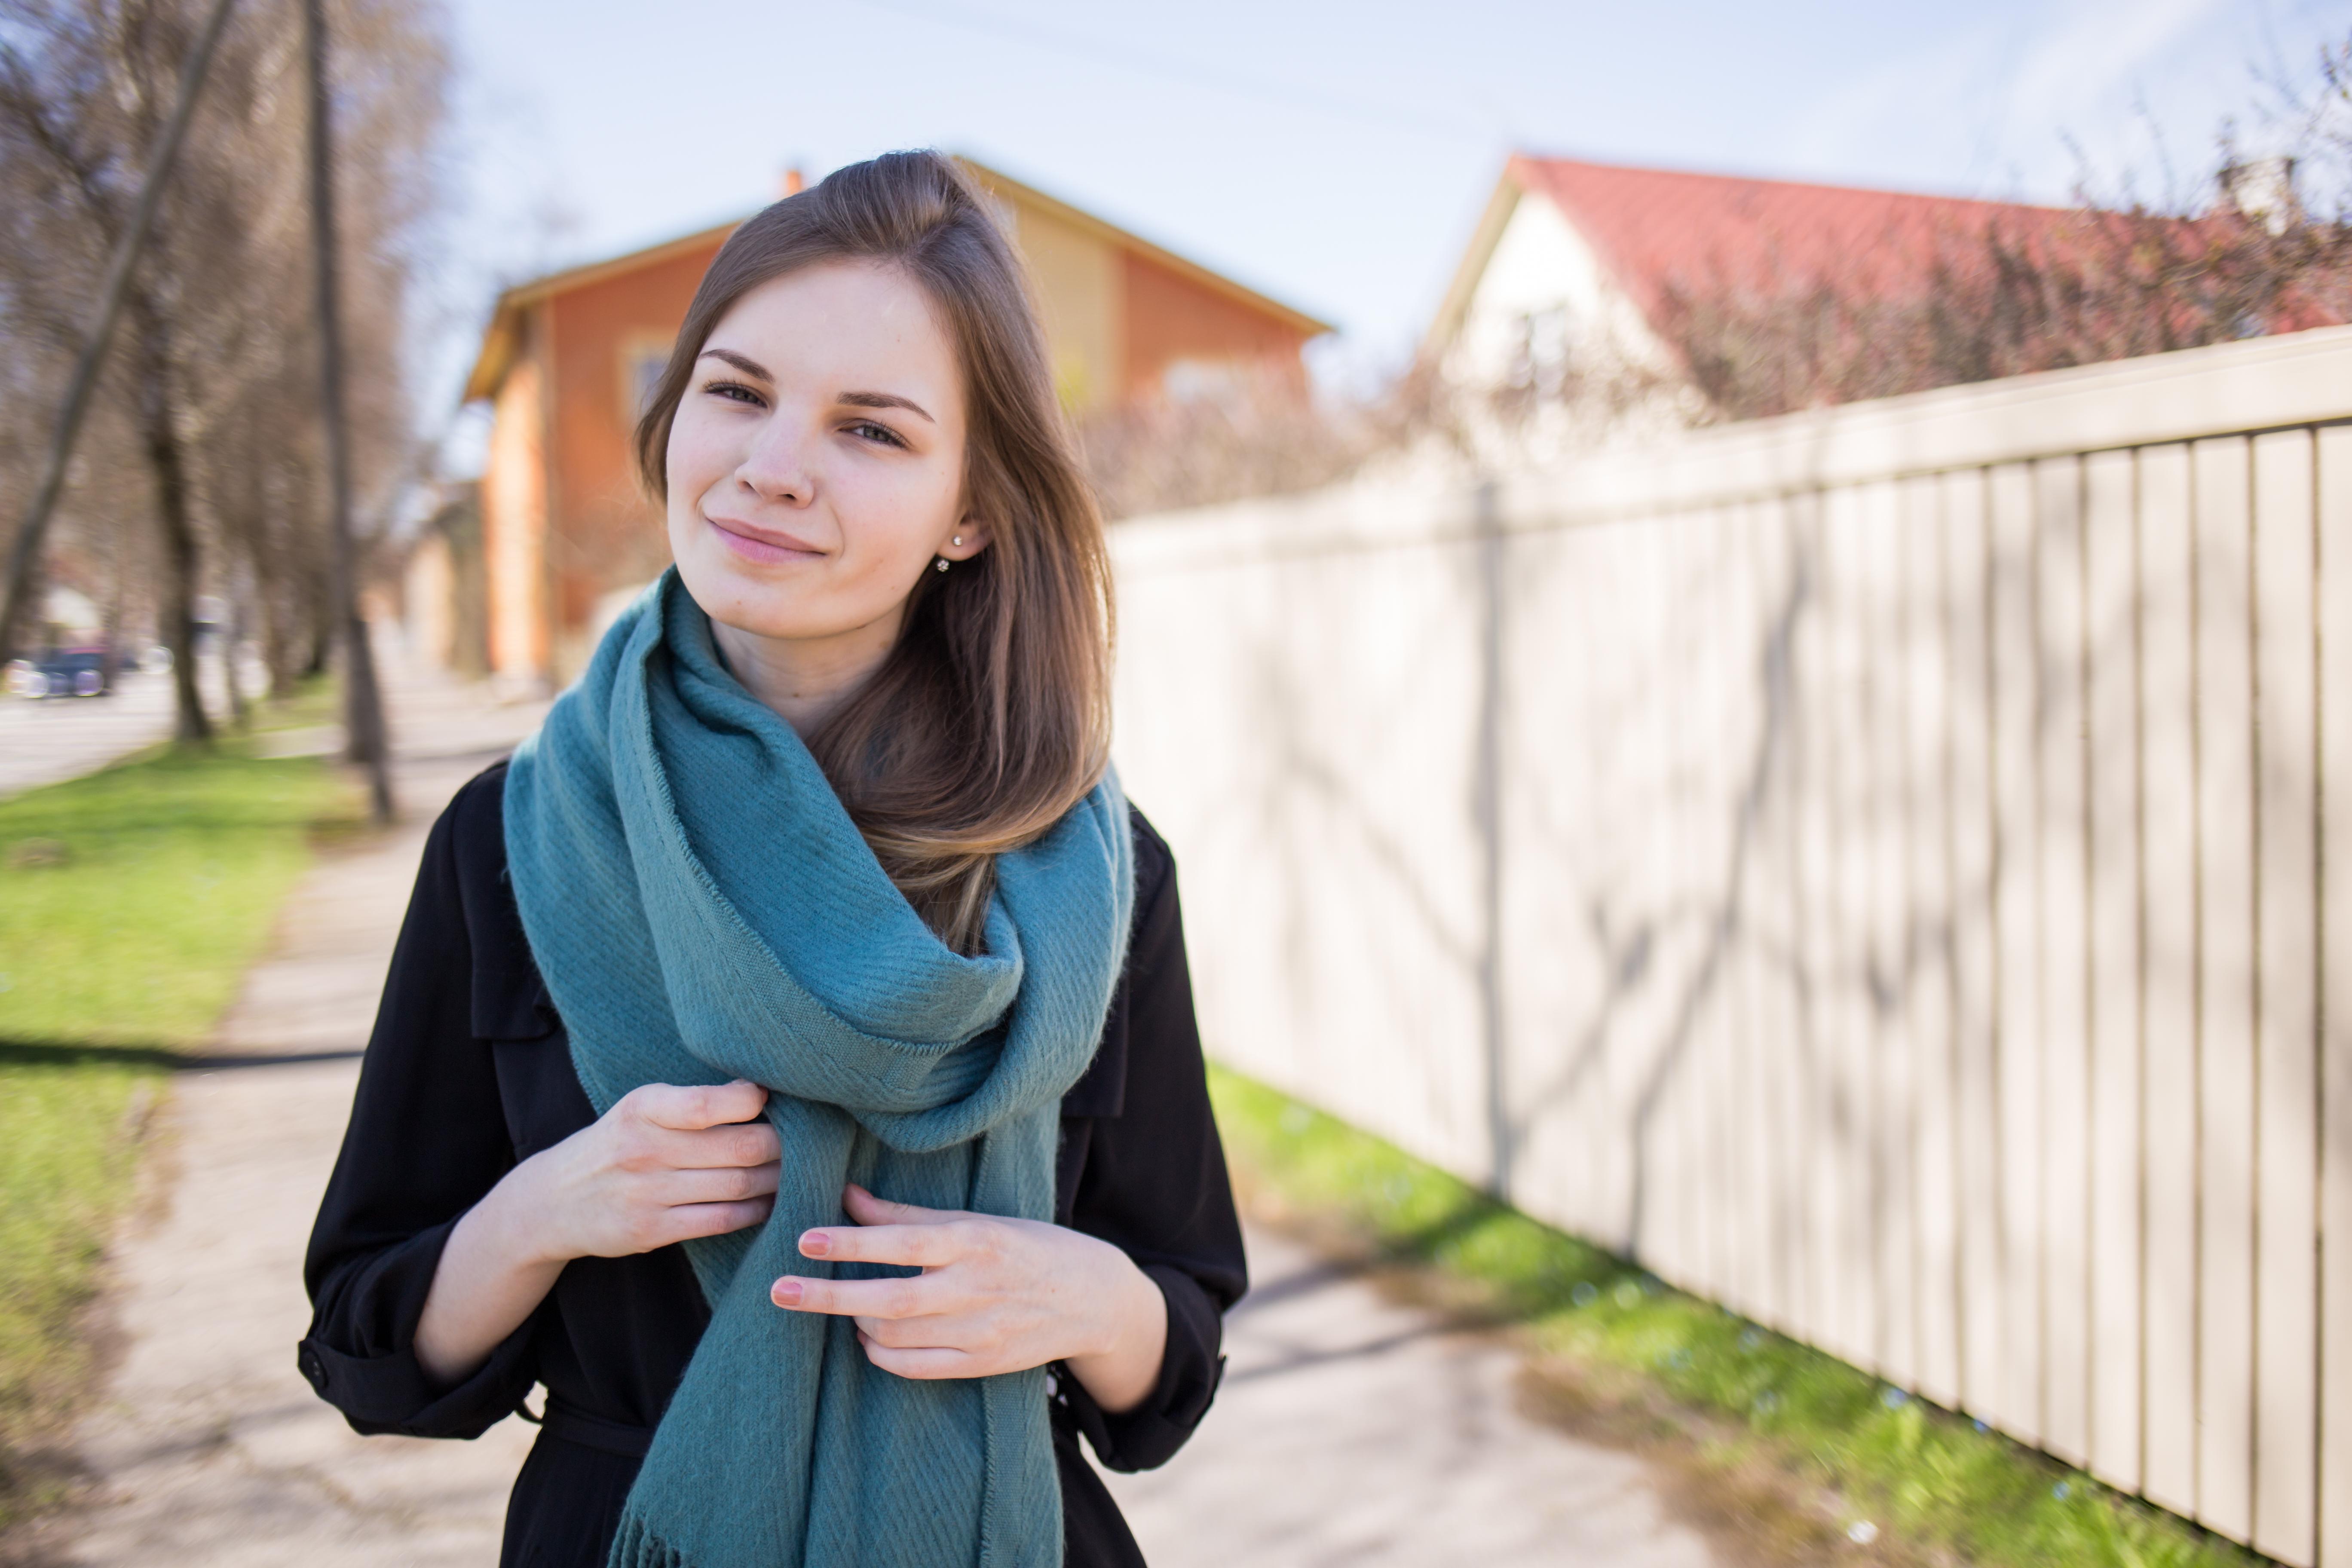 Kristina Kutsar – projektidega tegelemine ja nende juhtimine peab olema lõbus, kuid samal ajal ka õpetlik